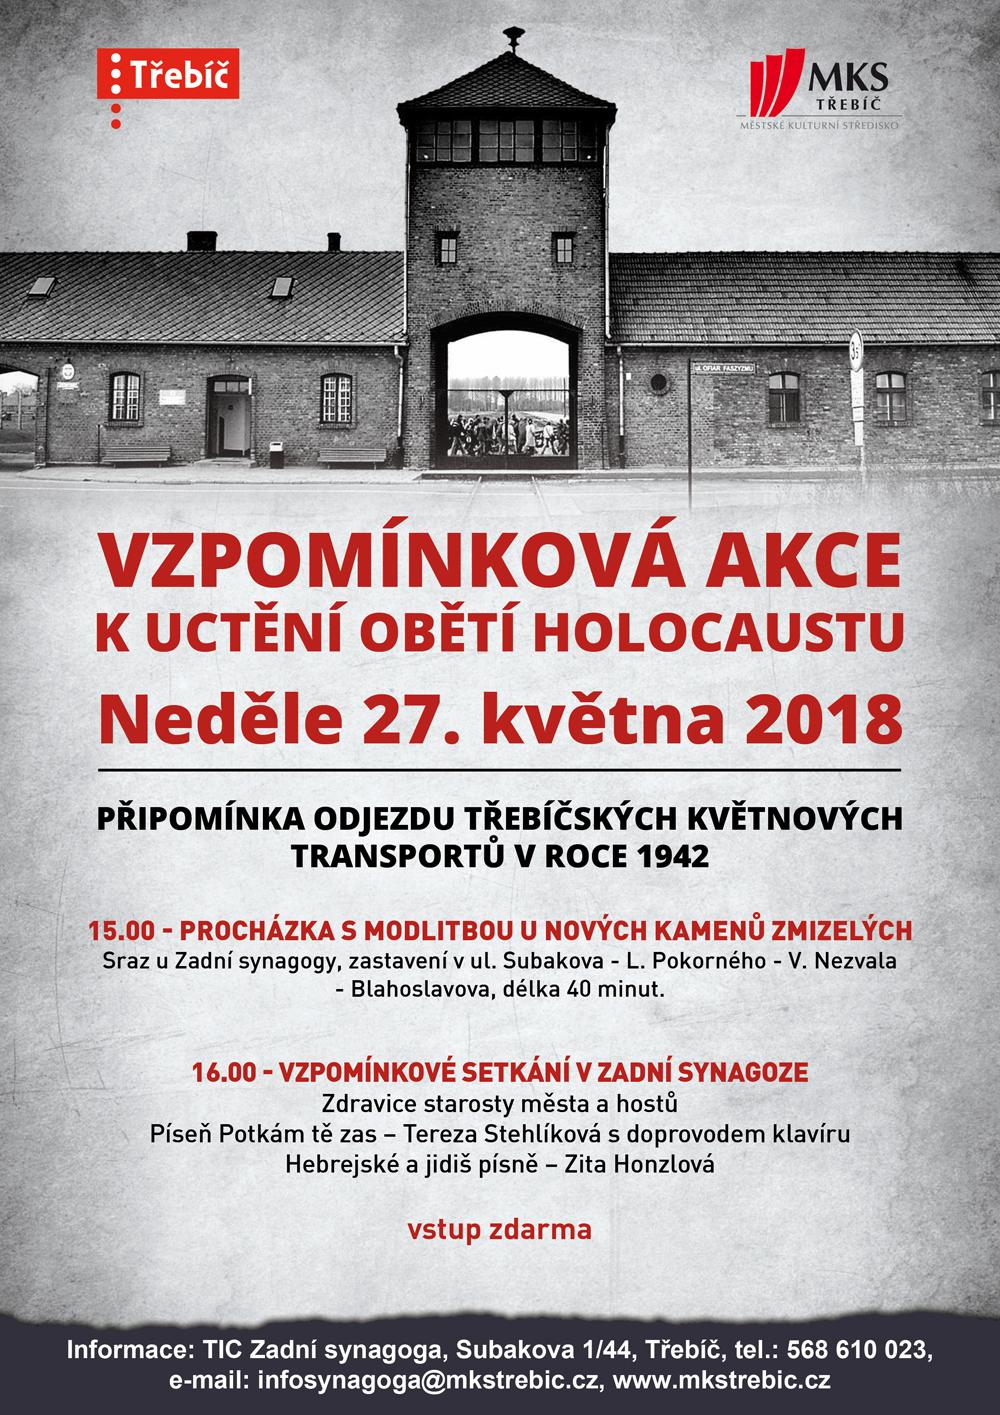 Vzpomínková akce k uctění obětí holocaustu @ Zadní synagoga | Třebíč | Kraj Vysočina | Česko